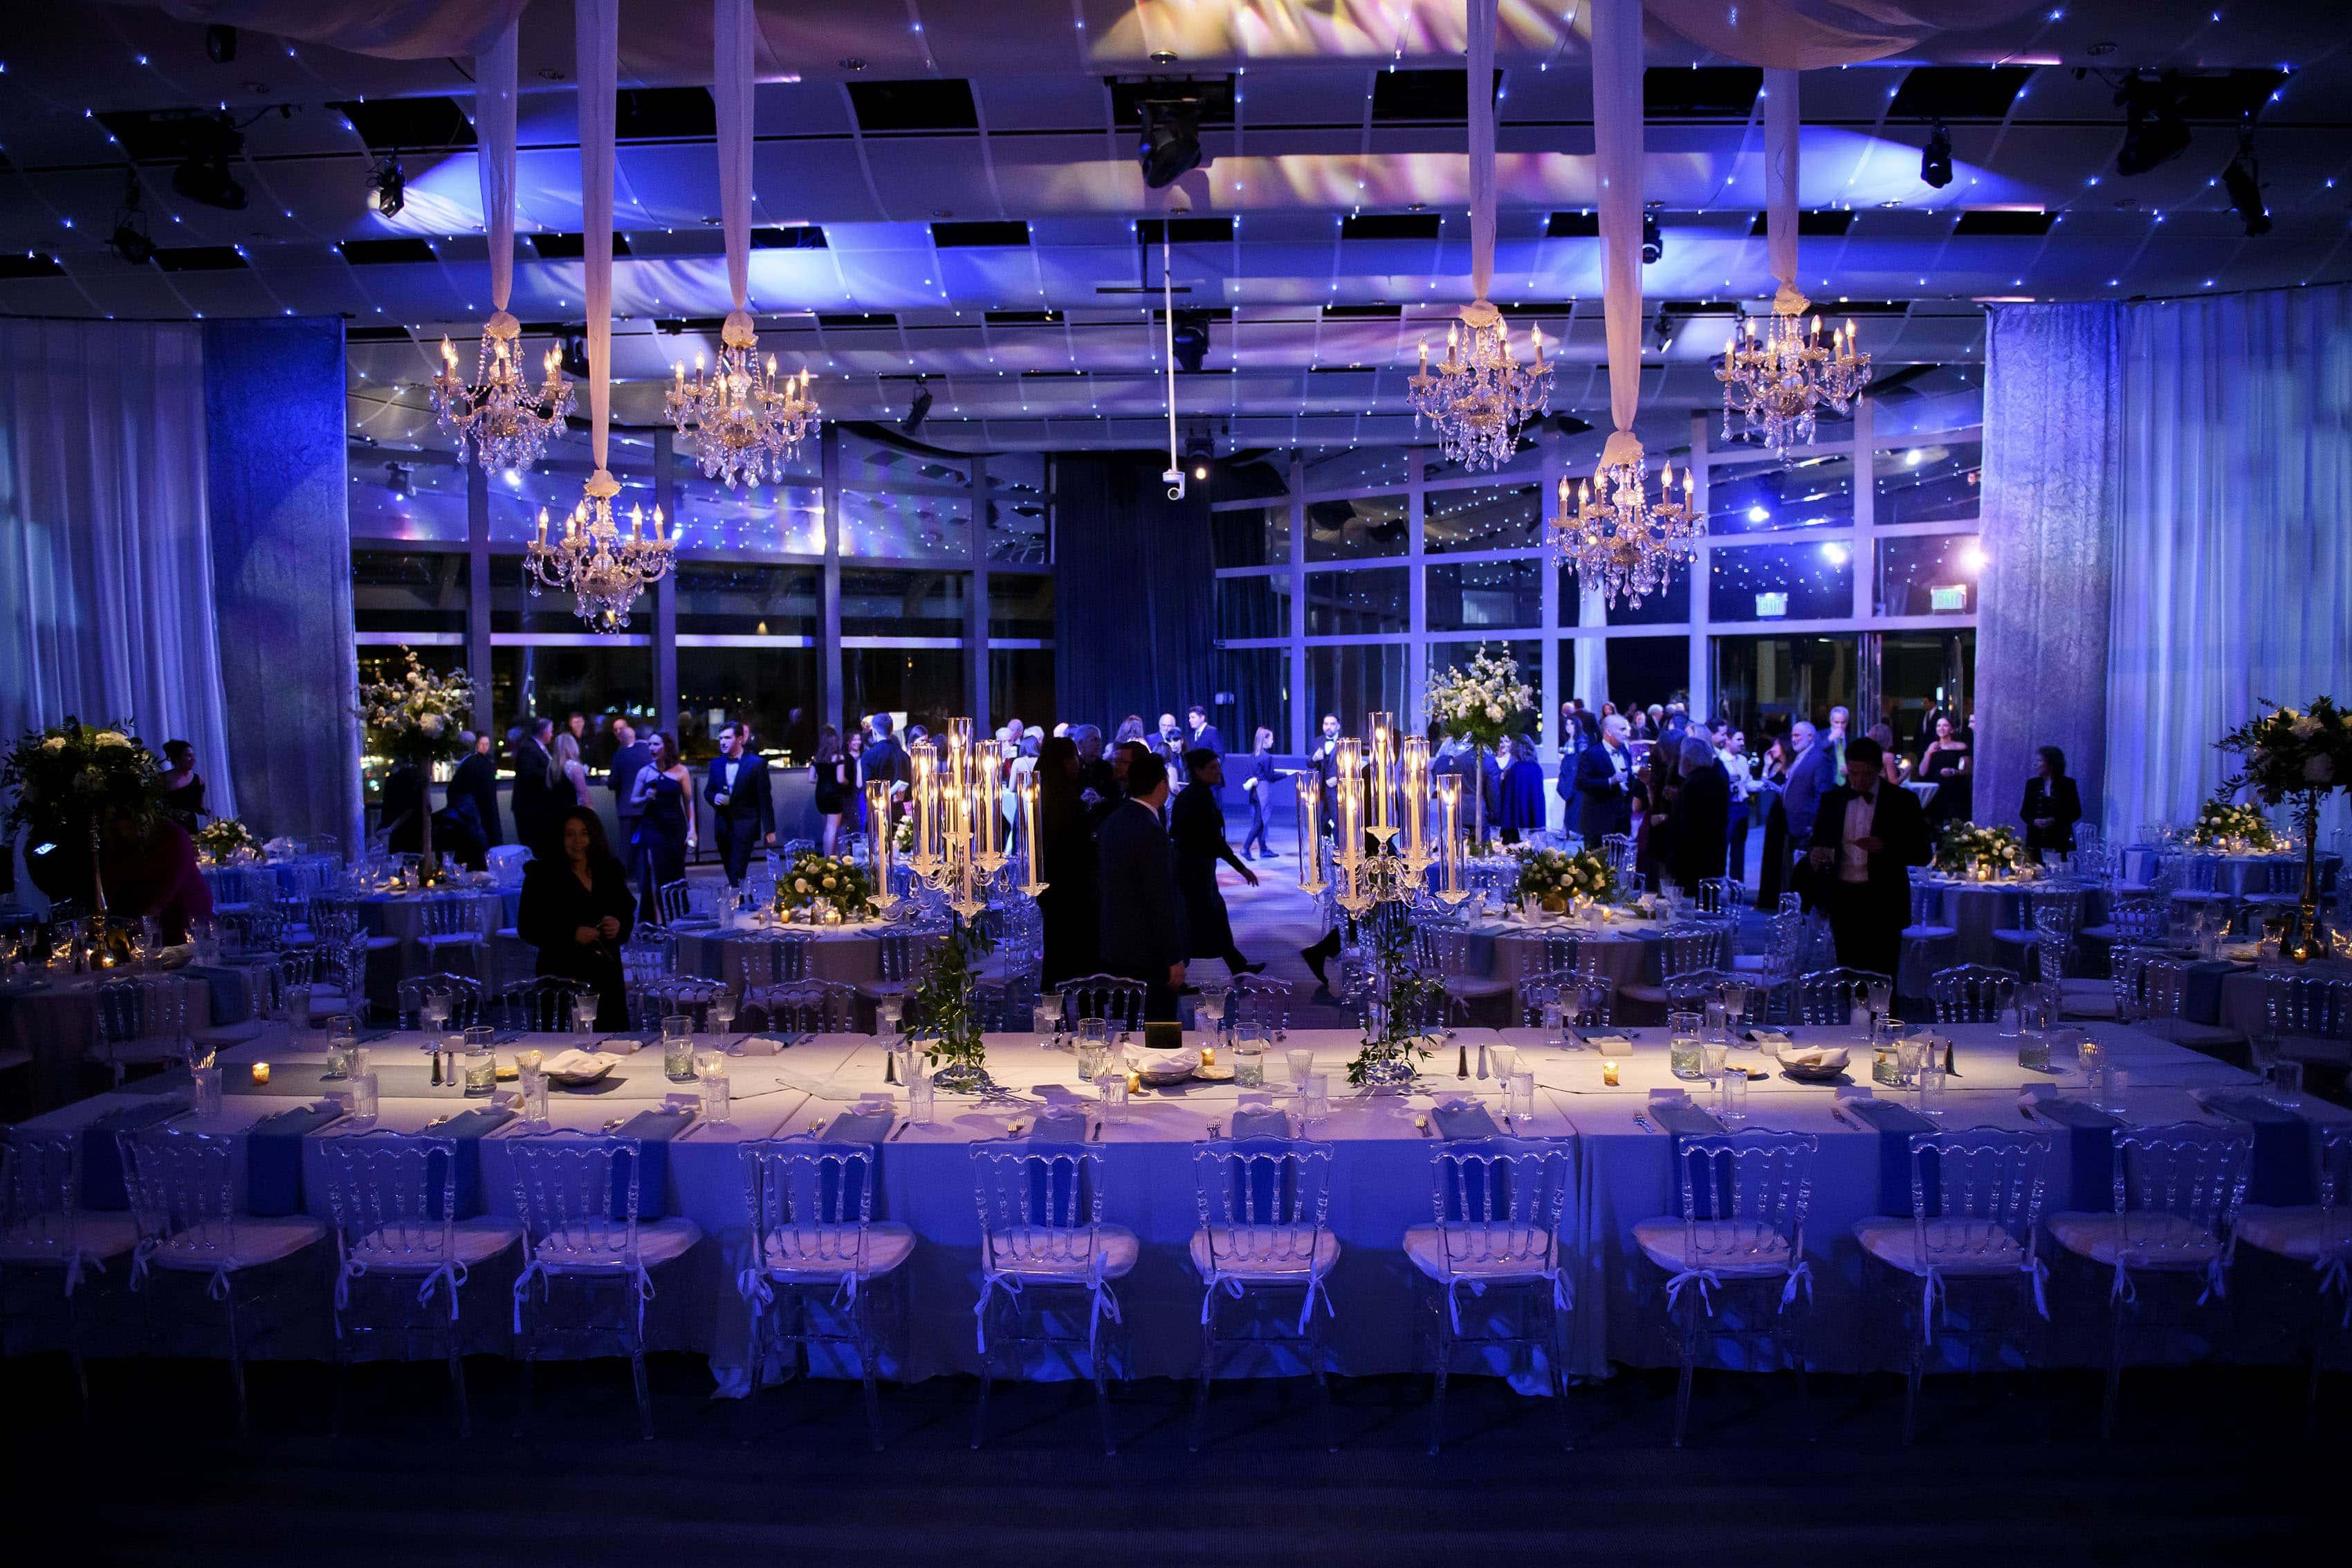 Seawell Ballroom setup for a Greek wedding reception